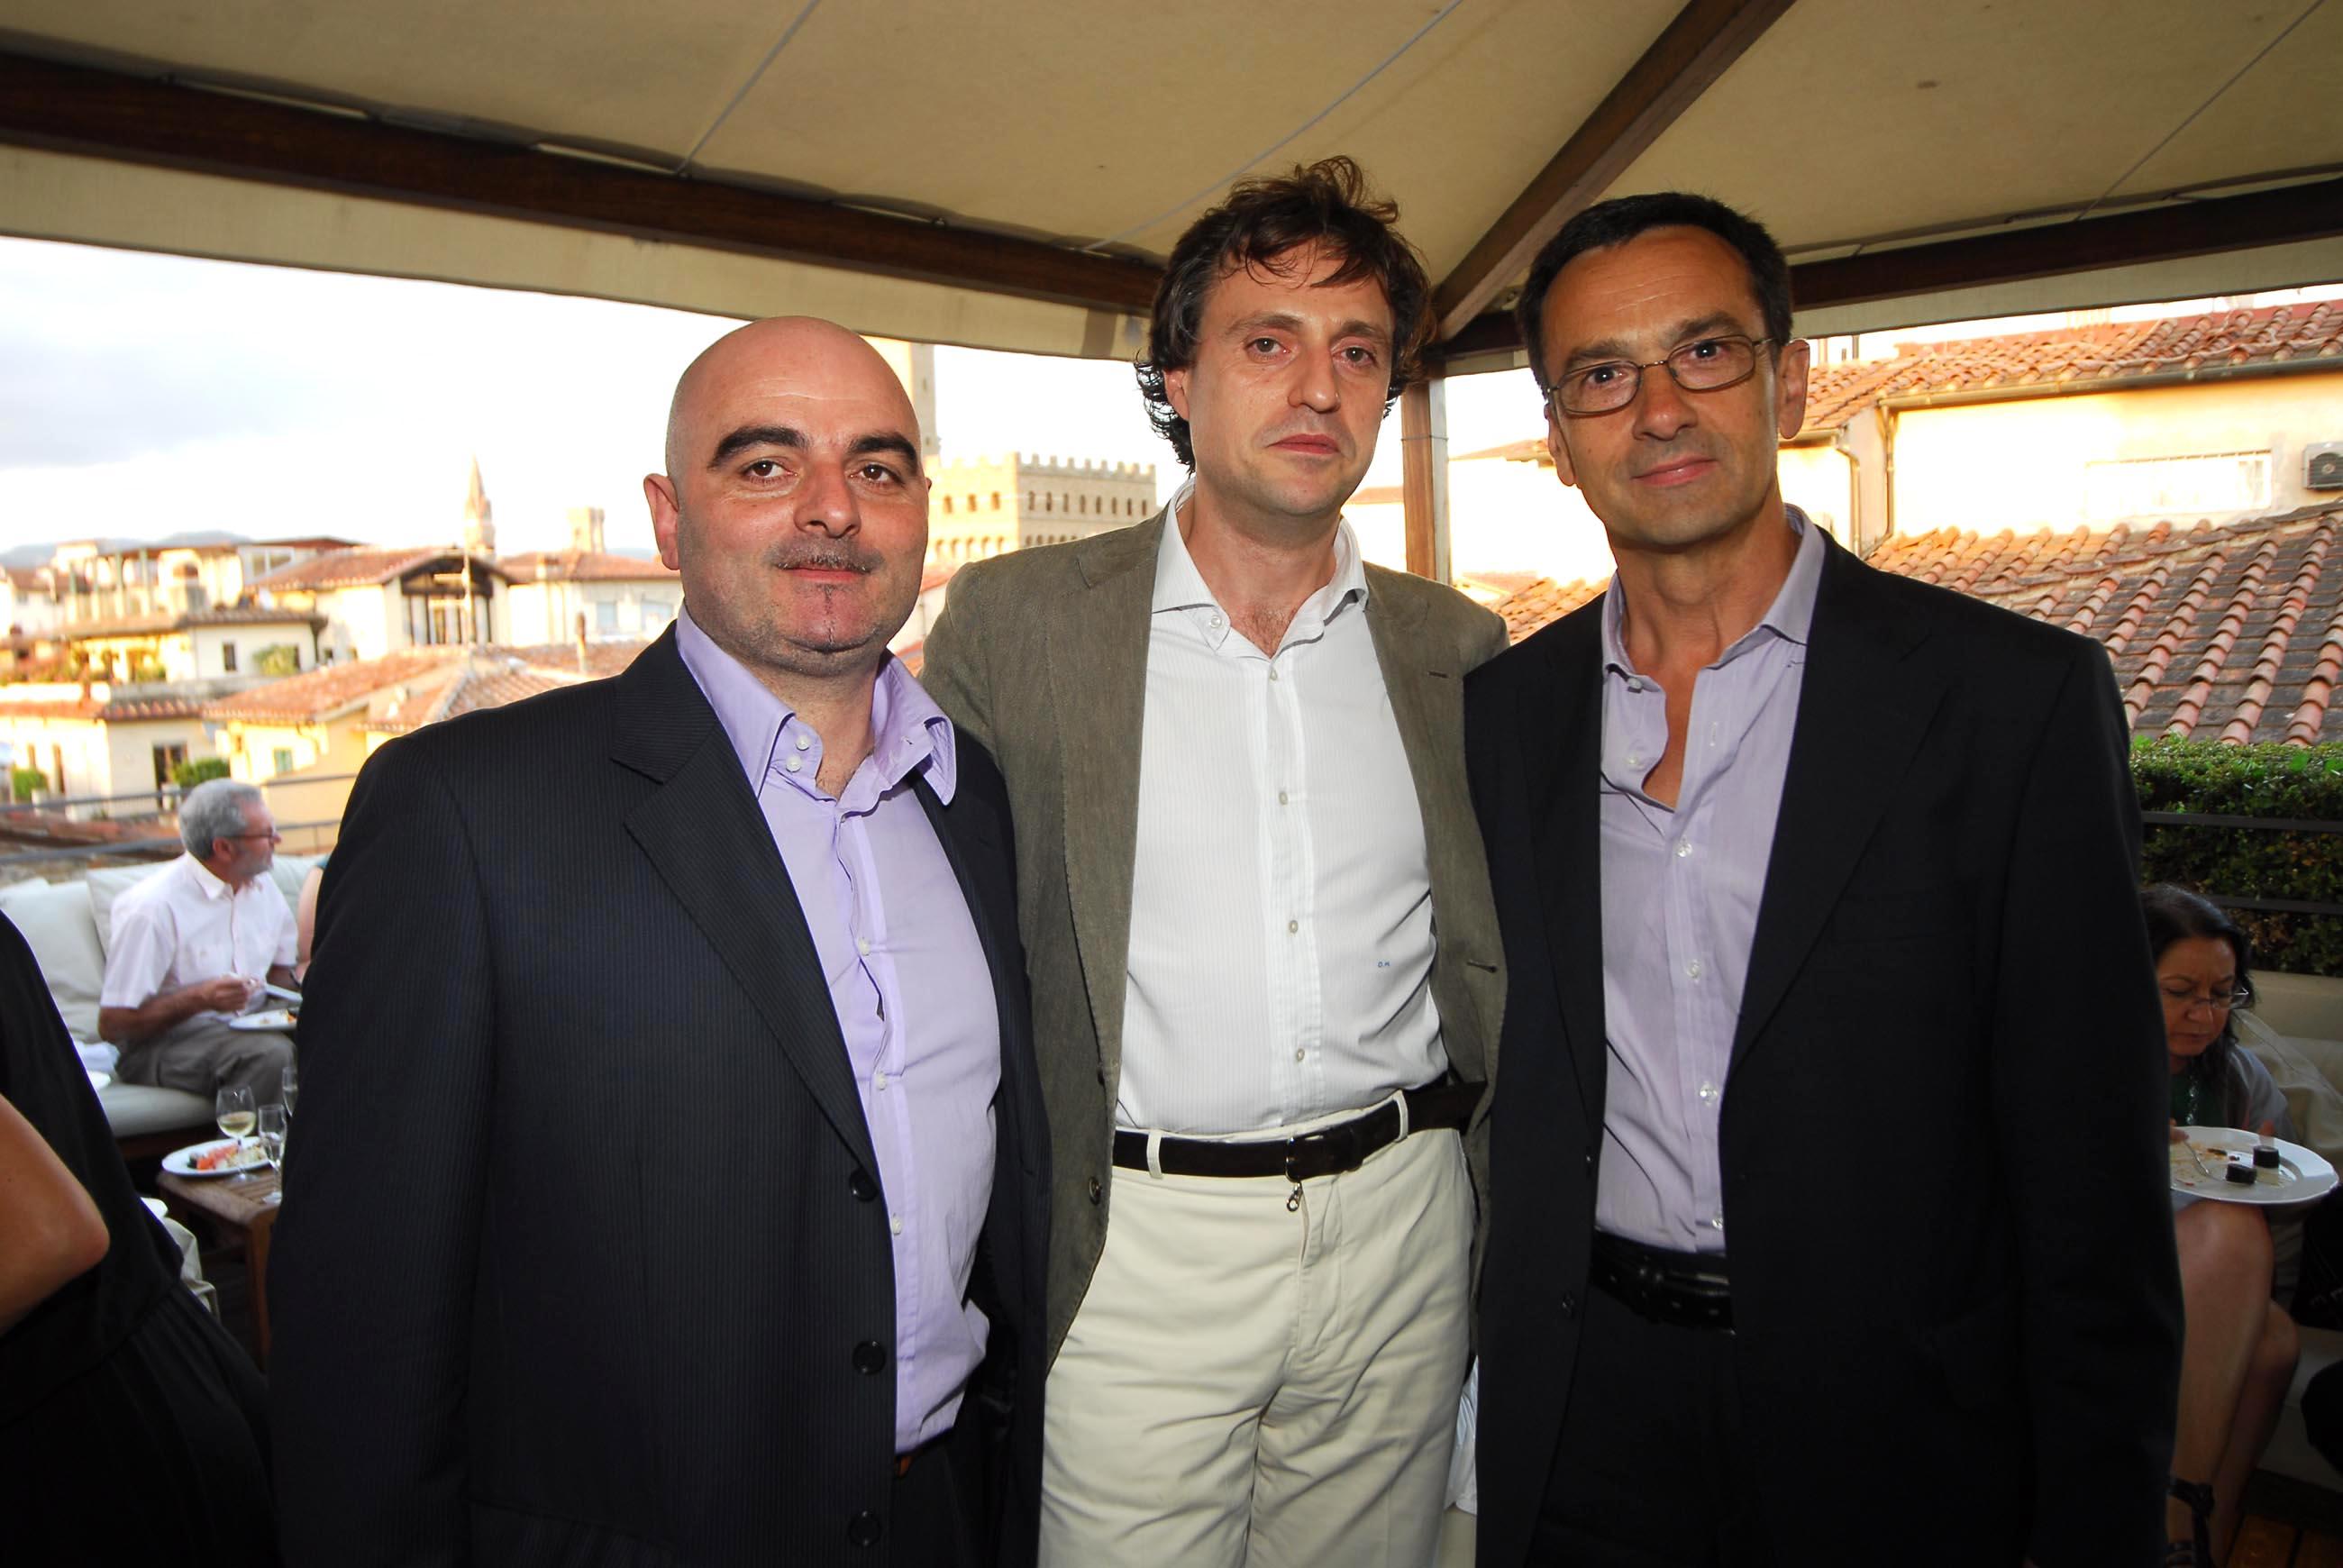 PRESSPHOTO  Firenze, Hotel Continentale. Nella foto Duccio Mannucci con Francesco Morabito e Giancarlo Carlesi